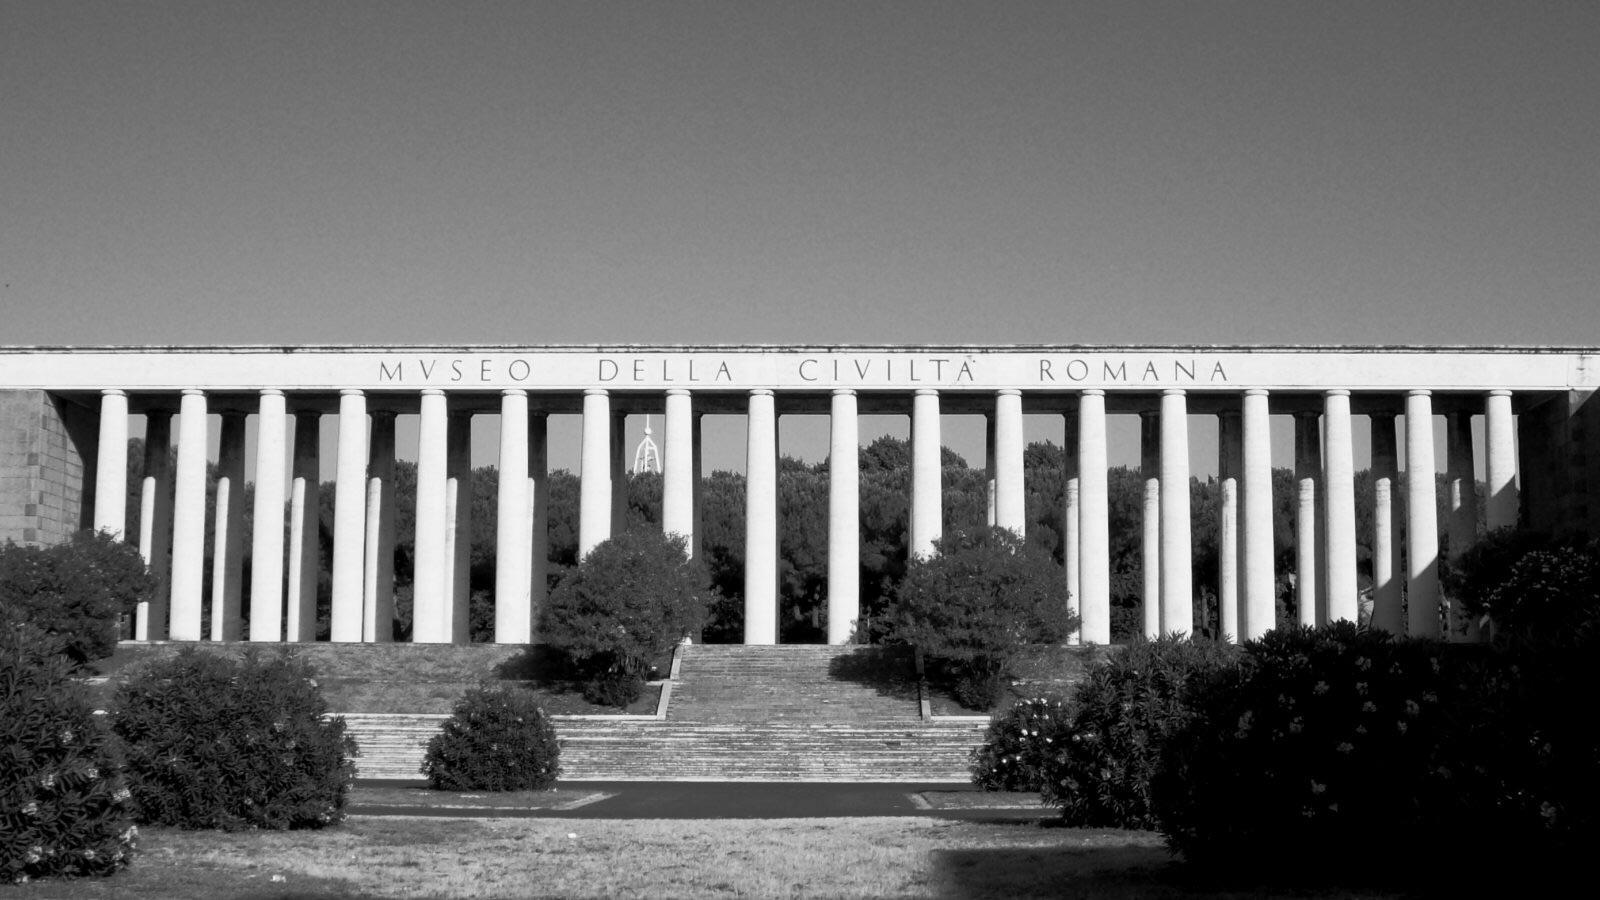 Museo della Civiltà Romana, dal declino alla